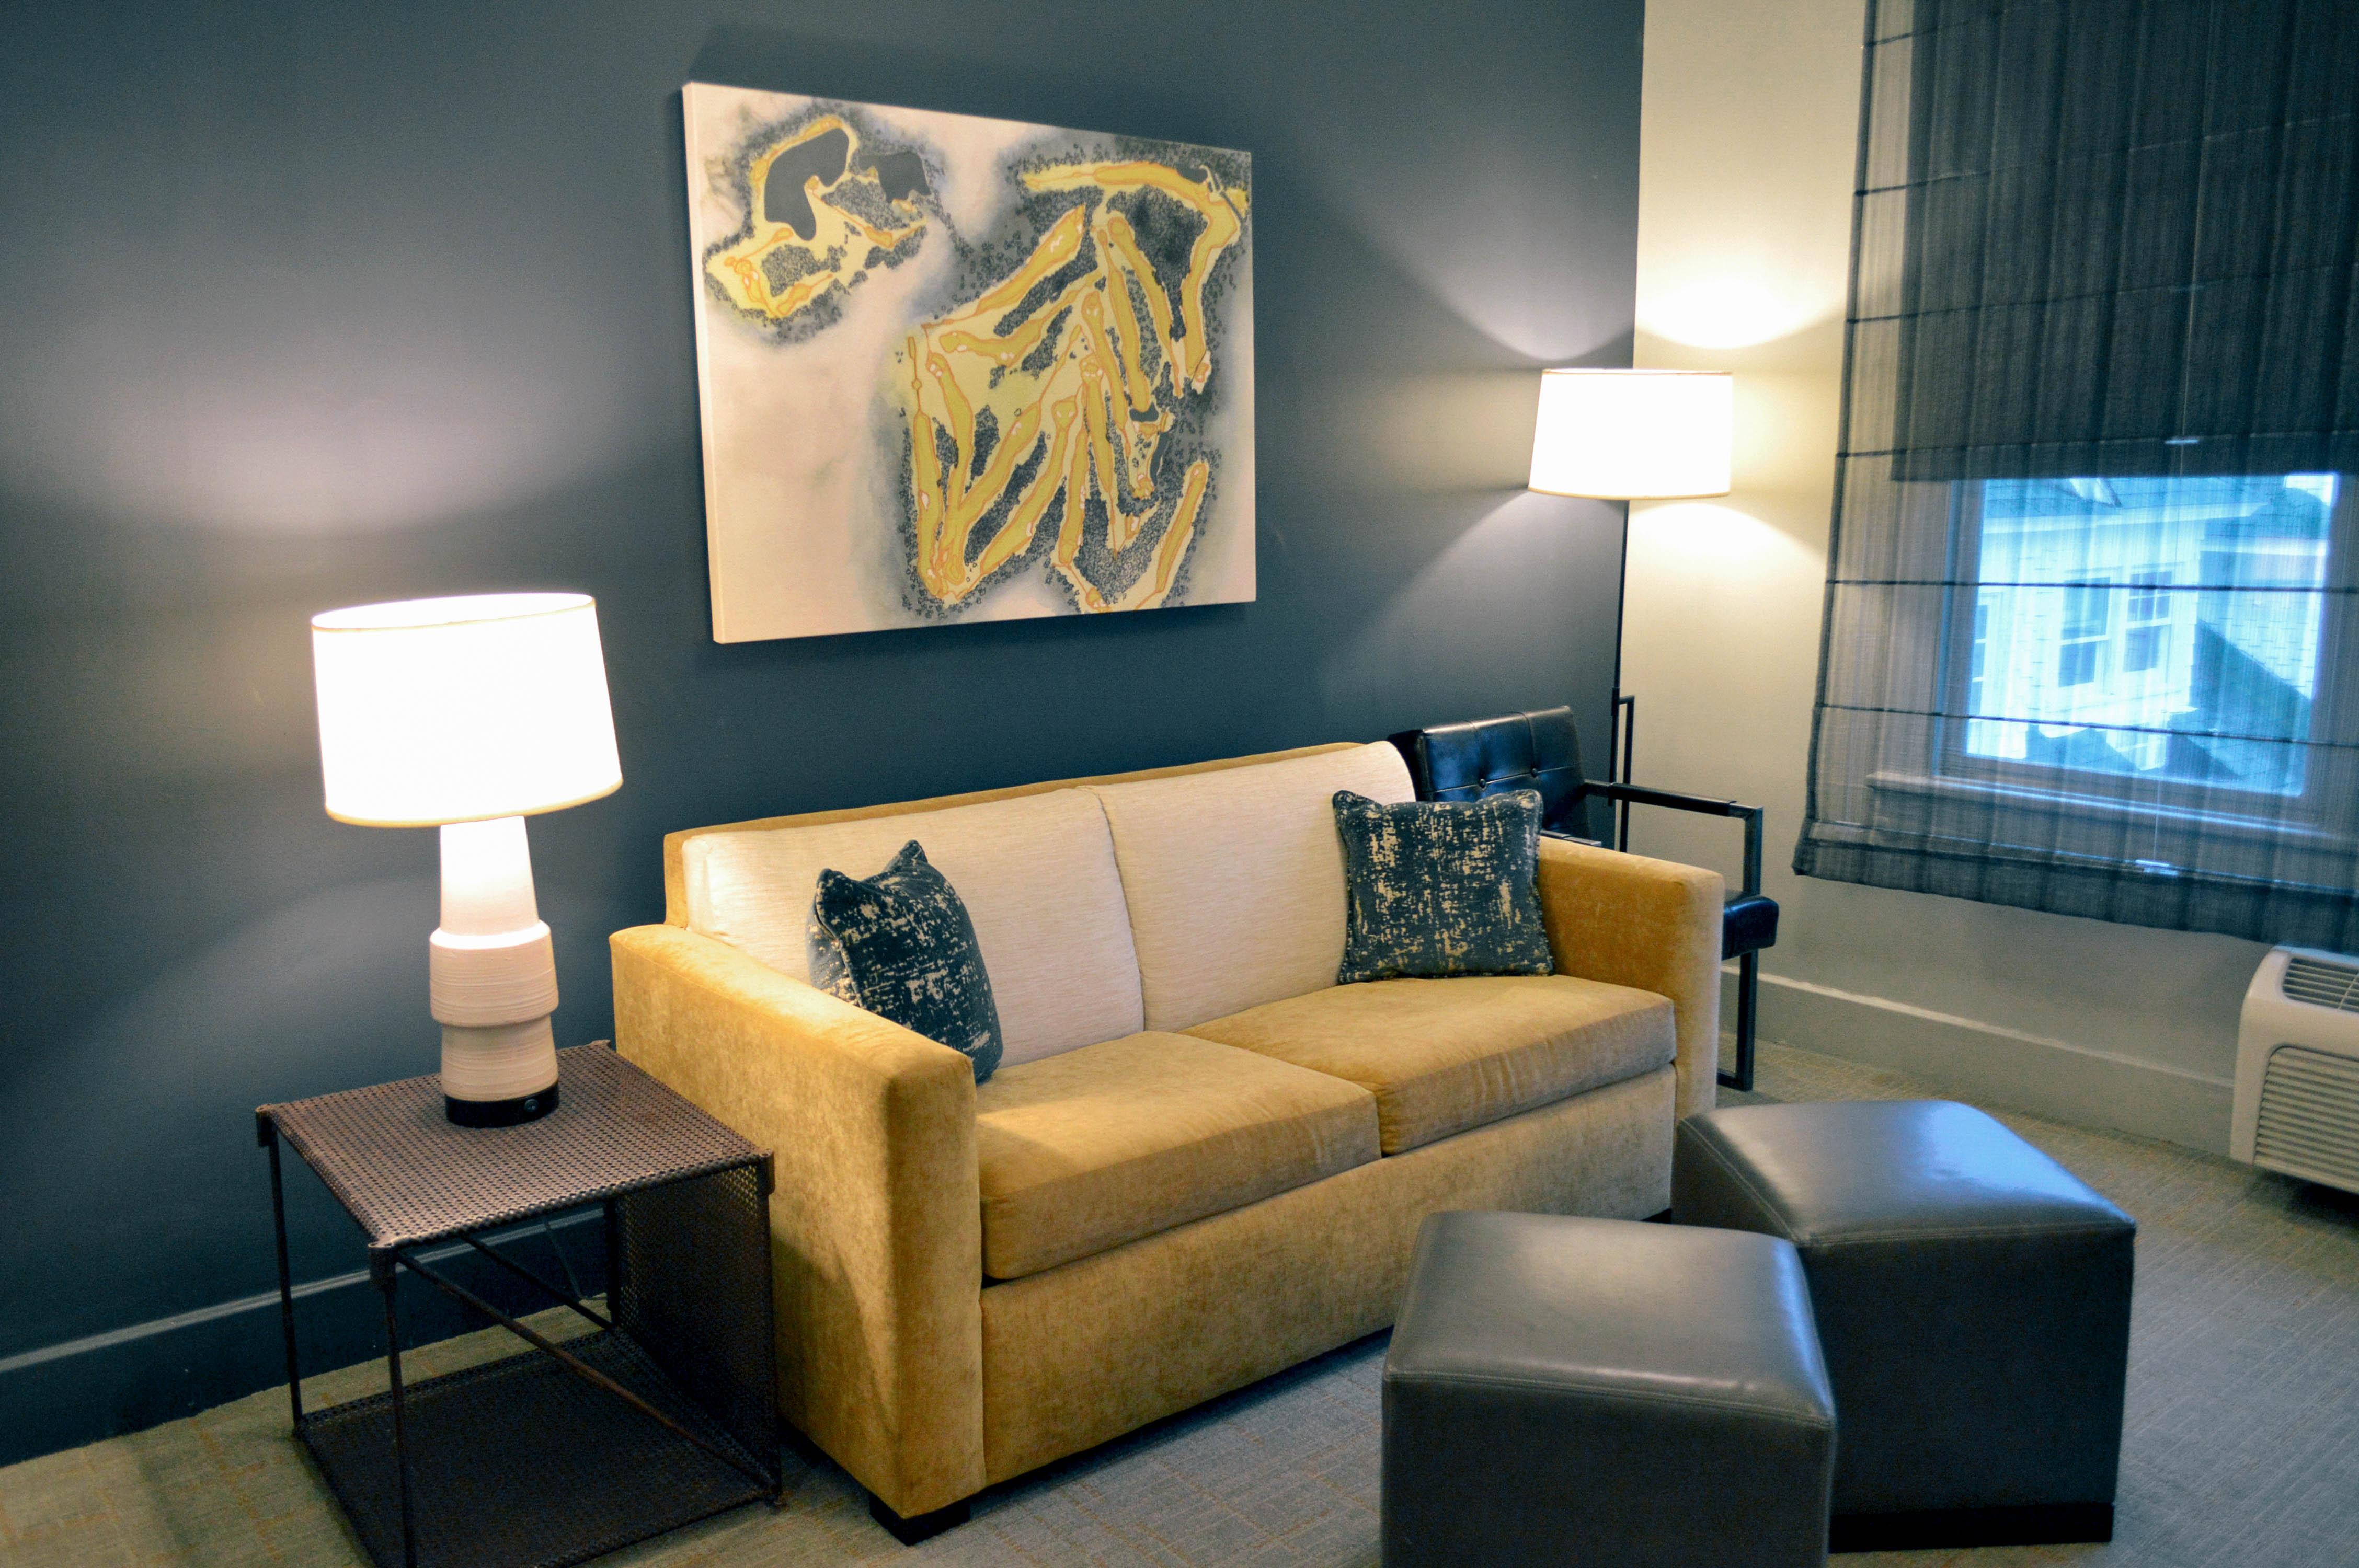 The-Partridge-Inn-Augusta-Georgia-Review-room-1